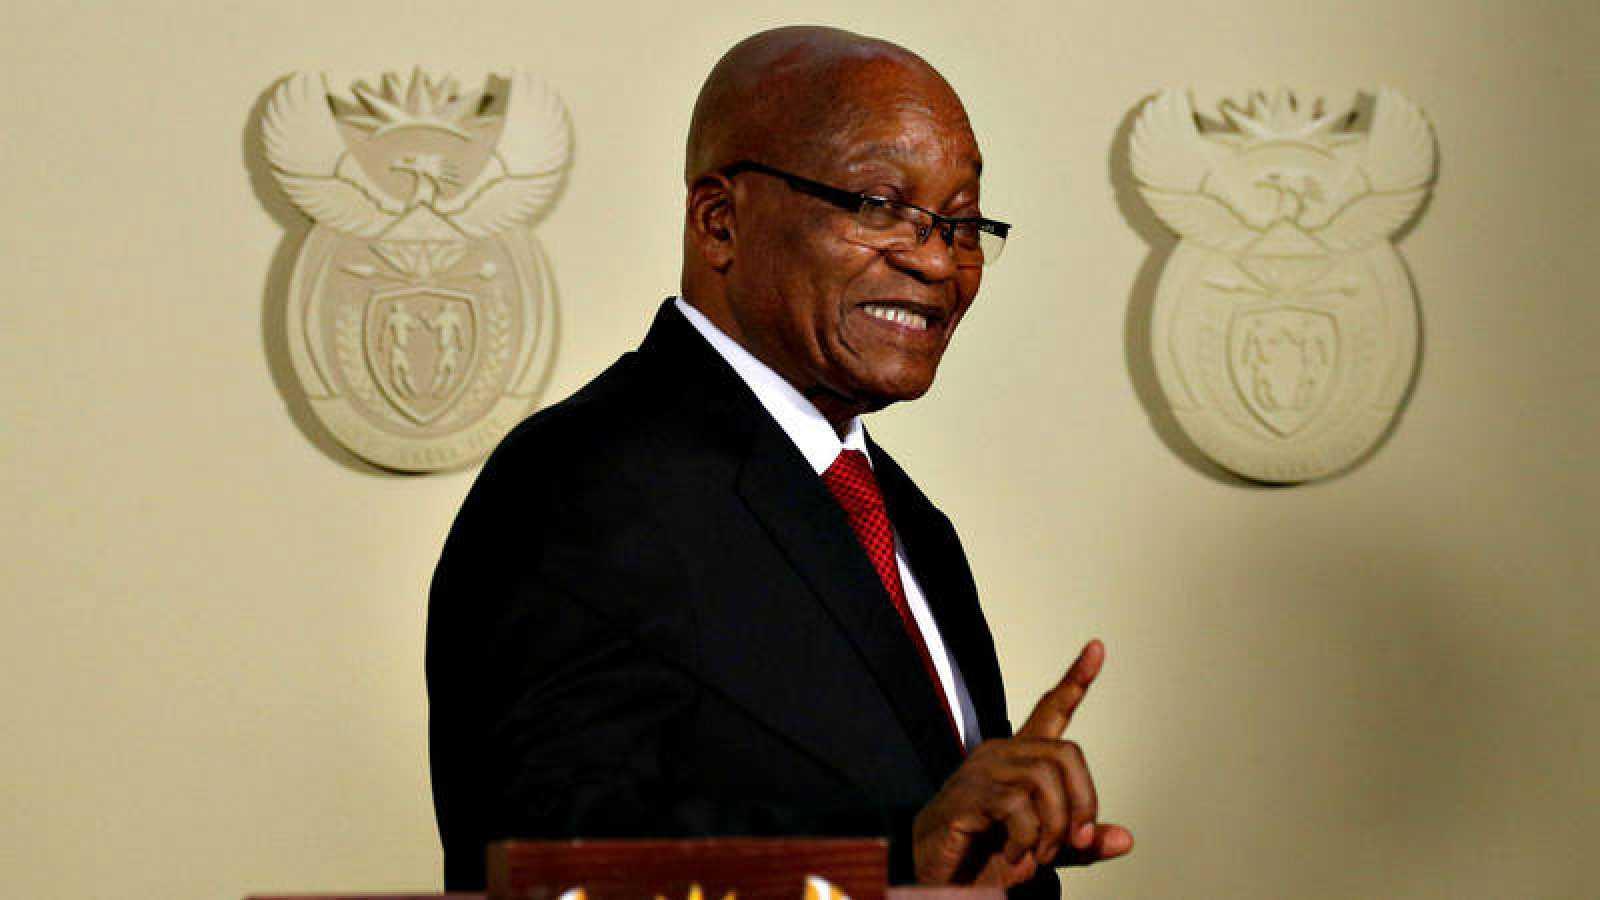 El expresidente de Sudáfrica, Jacob Zuma, tras anunciar su renuncia al cargo